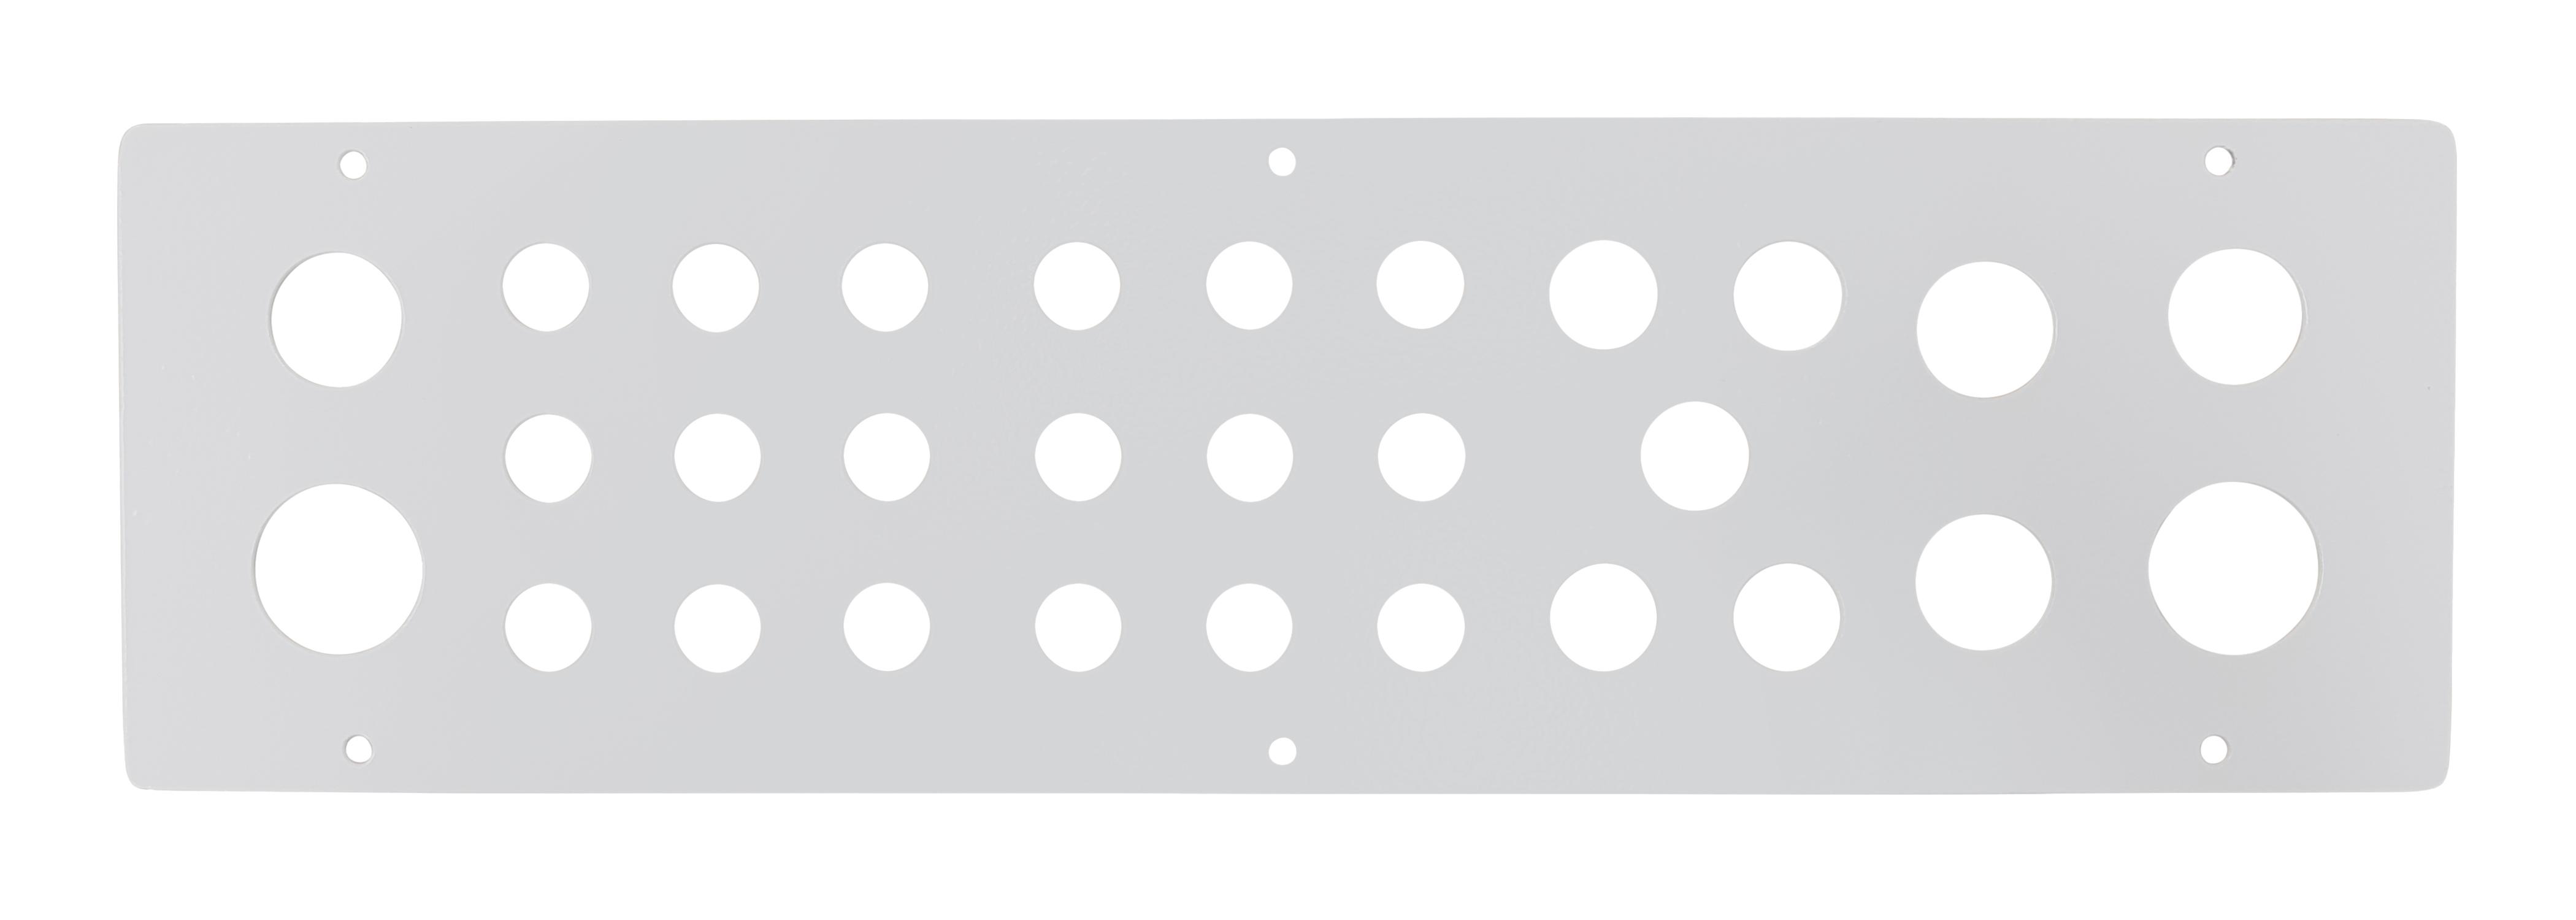 1 Stk Kabeleinführungsflansch WST mit 18xM16, 5xM20, 4xM25, 2xM32 WSTFA0E2--